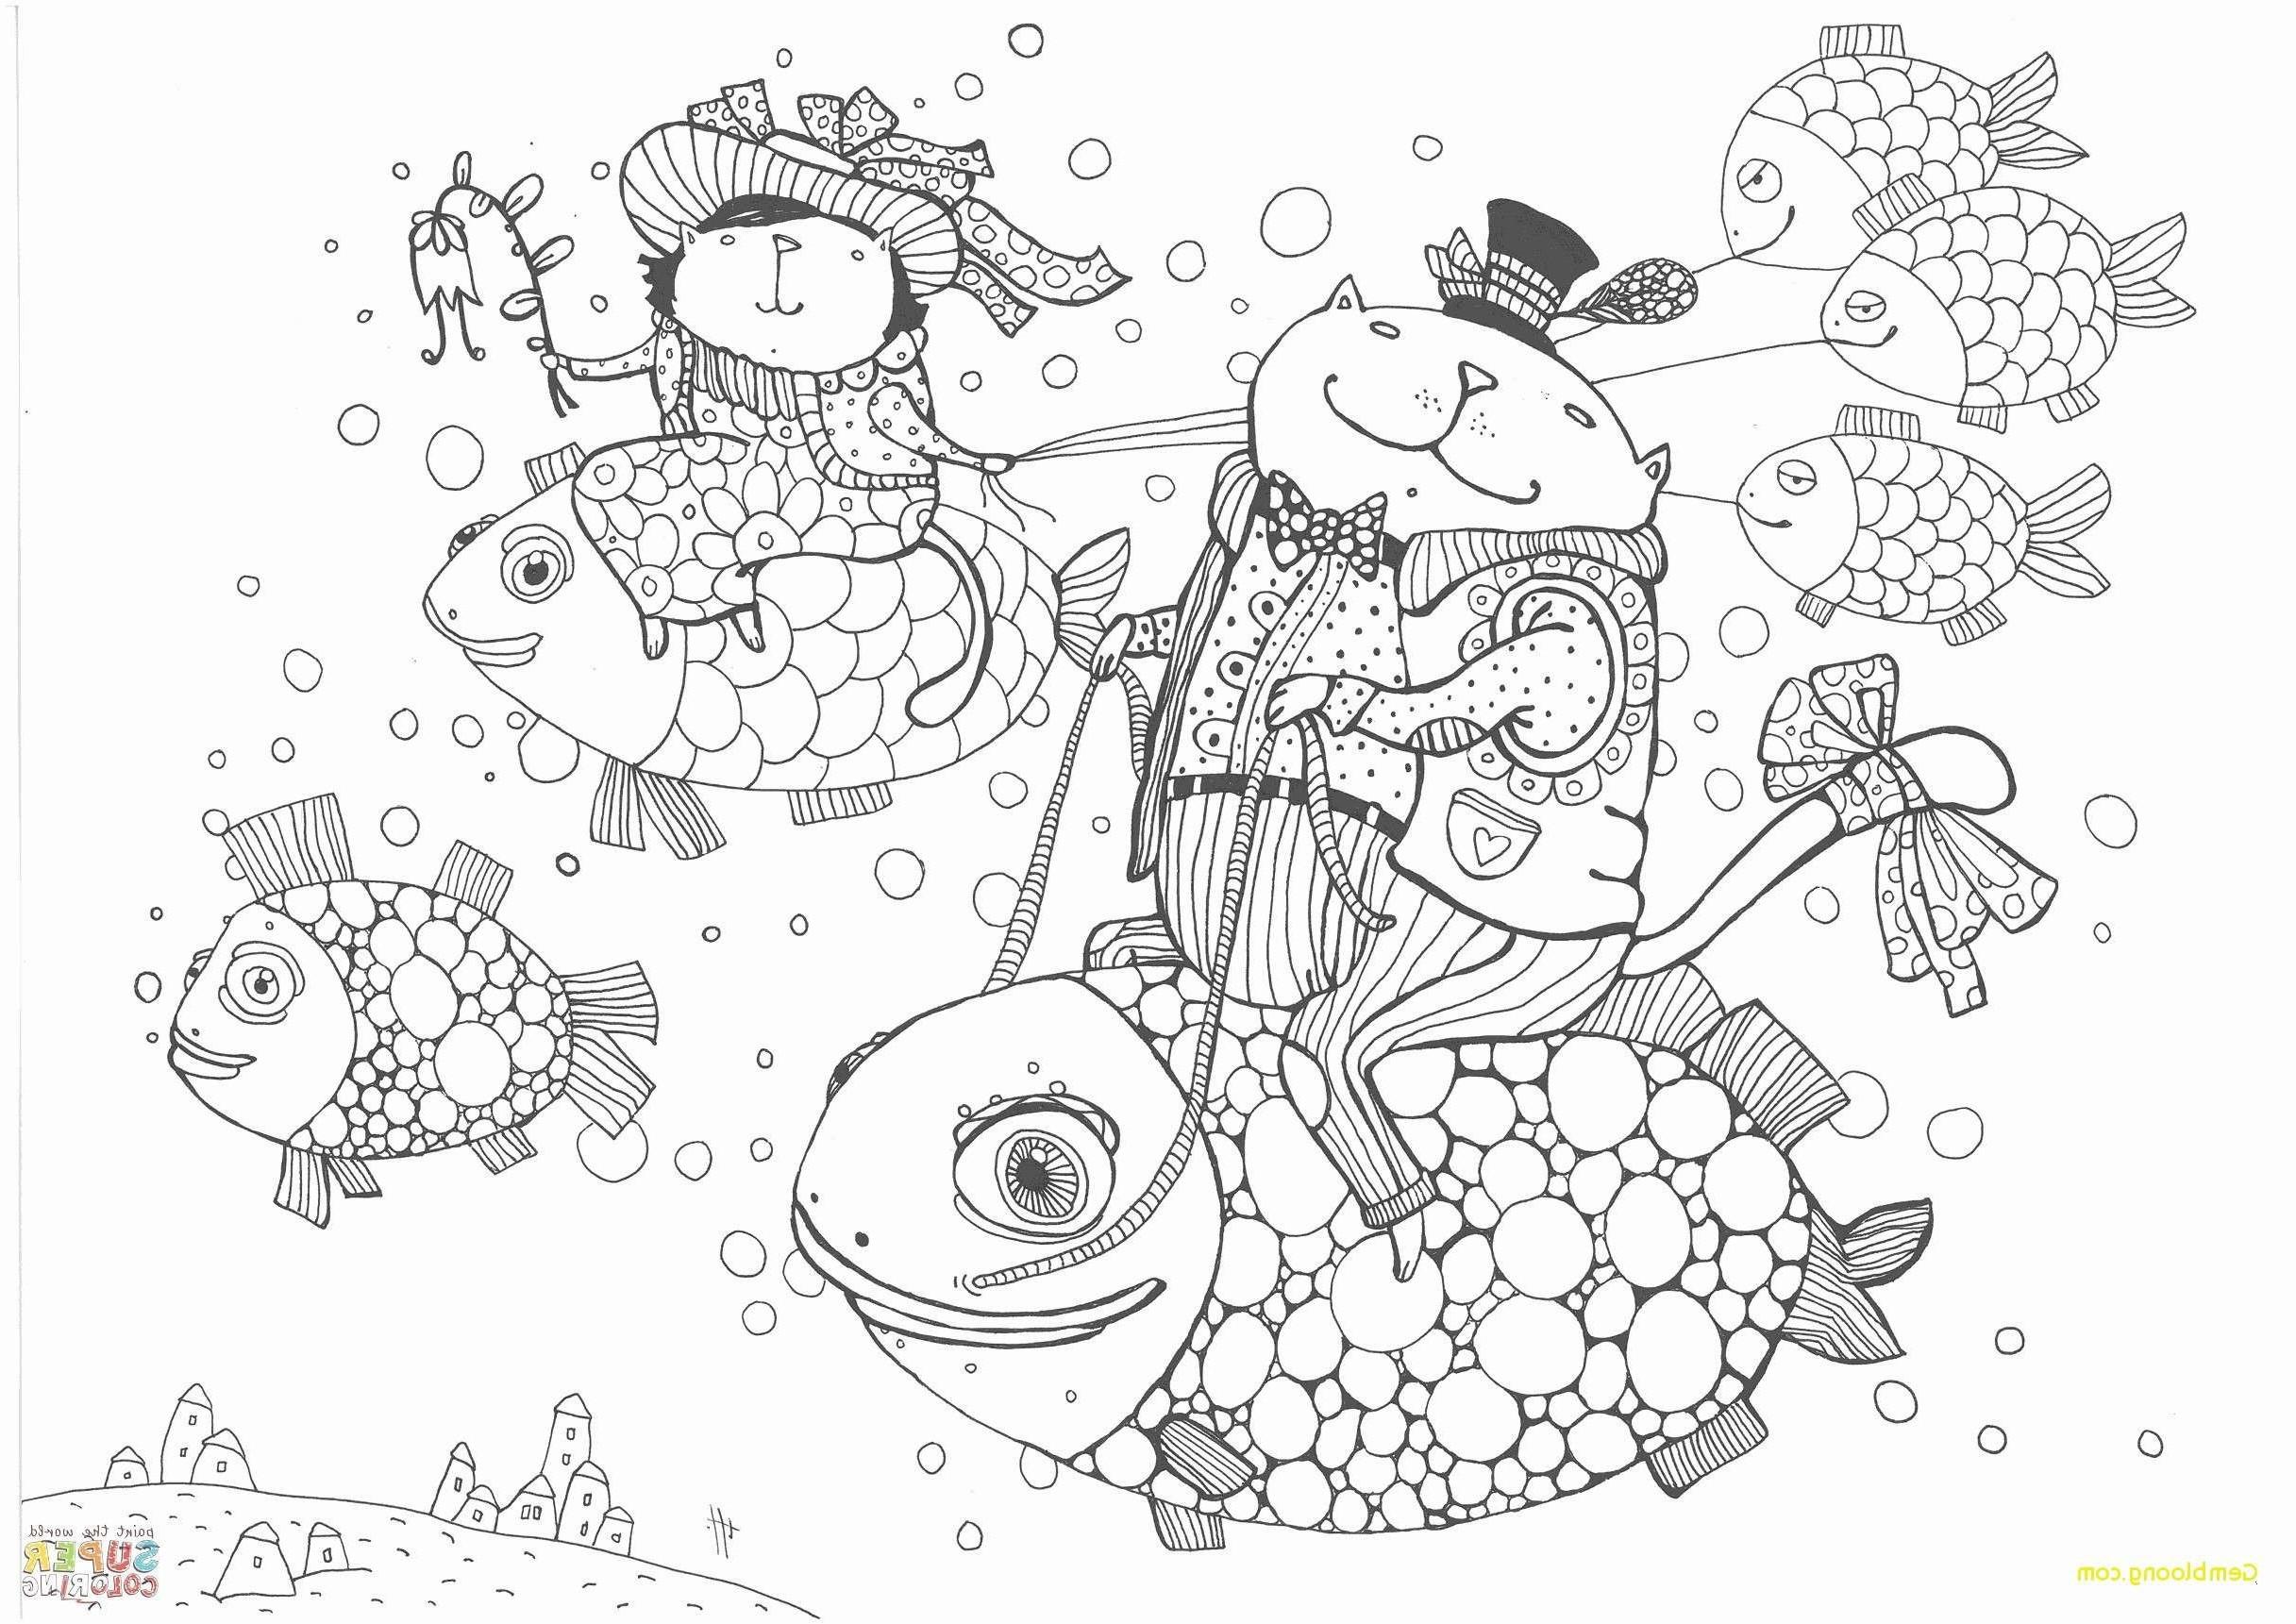 Seestern Zum Ausmalen Neu 31 Fantastisch Malvorlagen Minions – Malvorlagen Ideen Das Bild